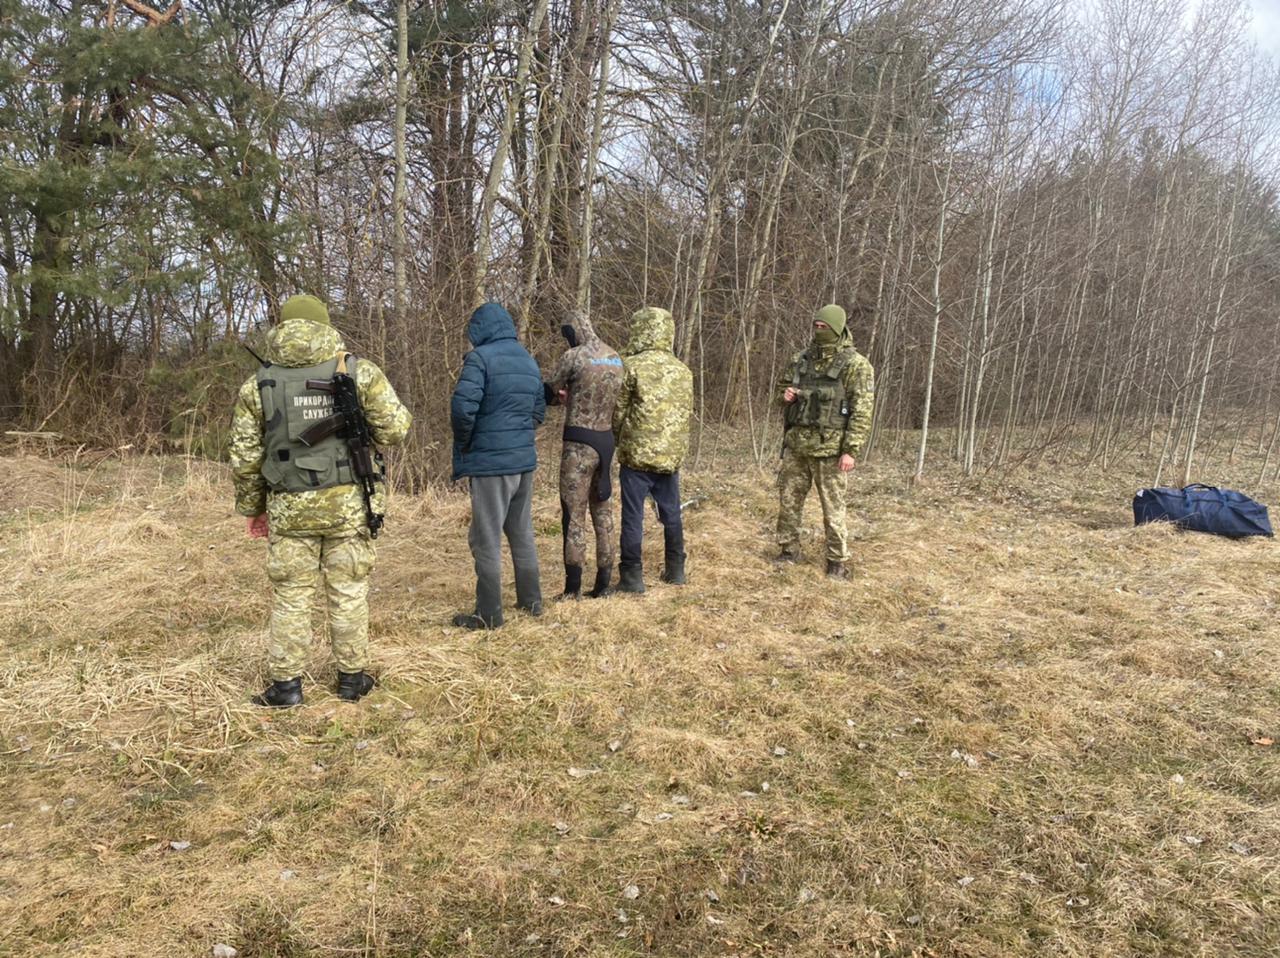 На Волині охоронці кордону з пострілами зірвали спробу протиправної діяльності на кордоні